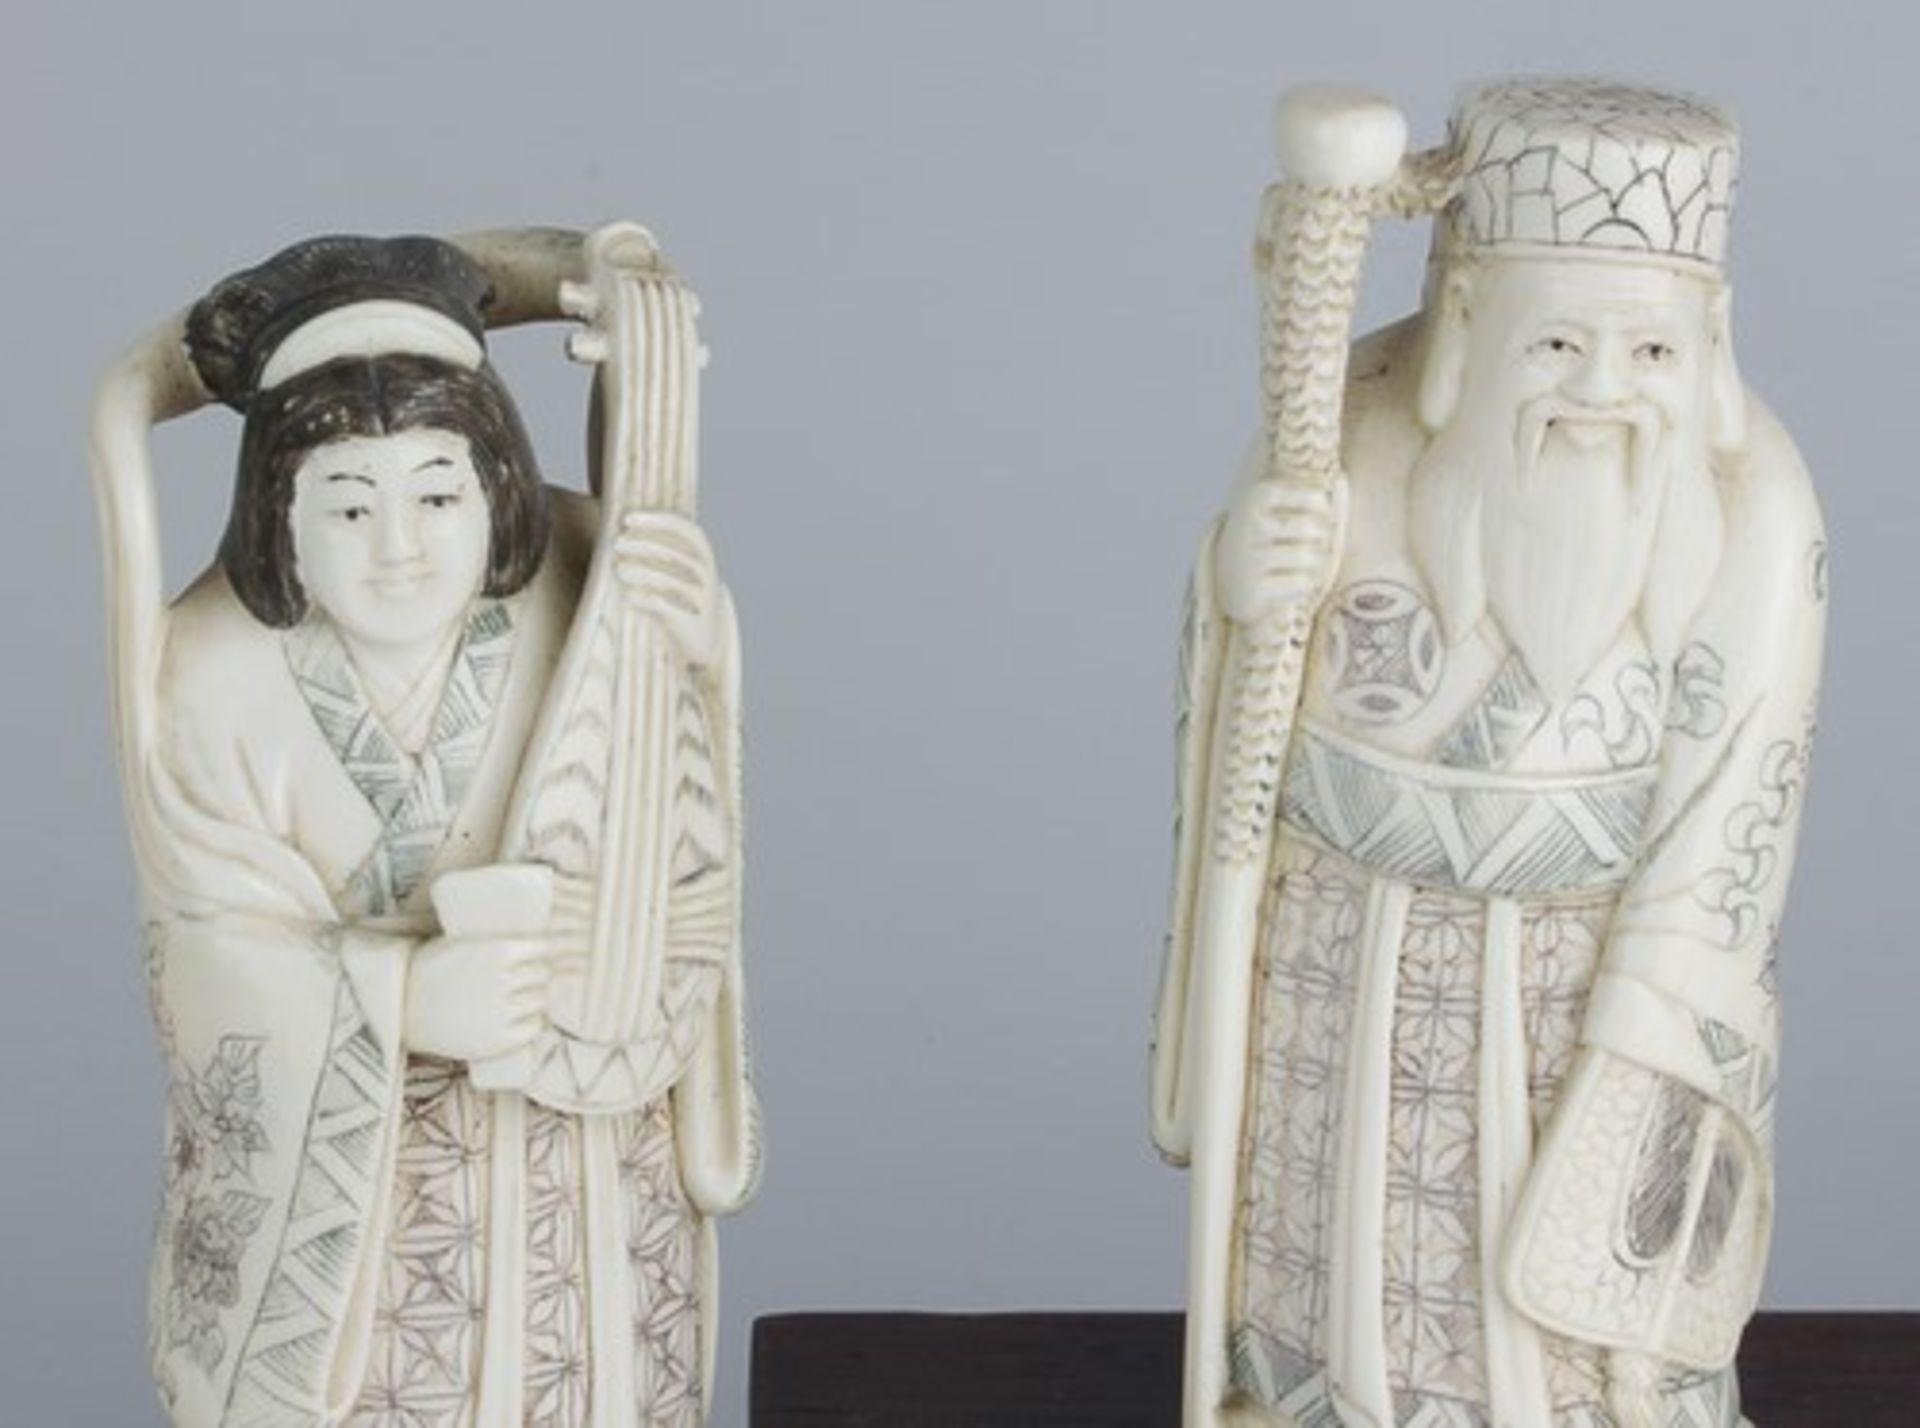 Figurengruppe - Chinaum 1920, 7x vollplastische Elfenbein-Schnitzereien, partiell geschwärzt, - Bild 19 aus 24